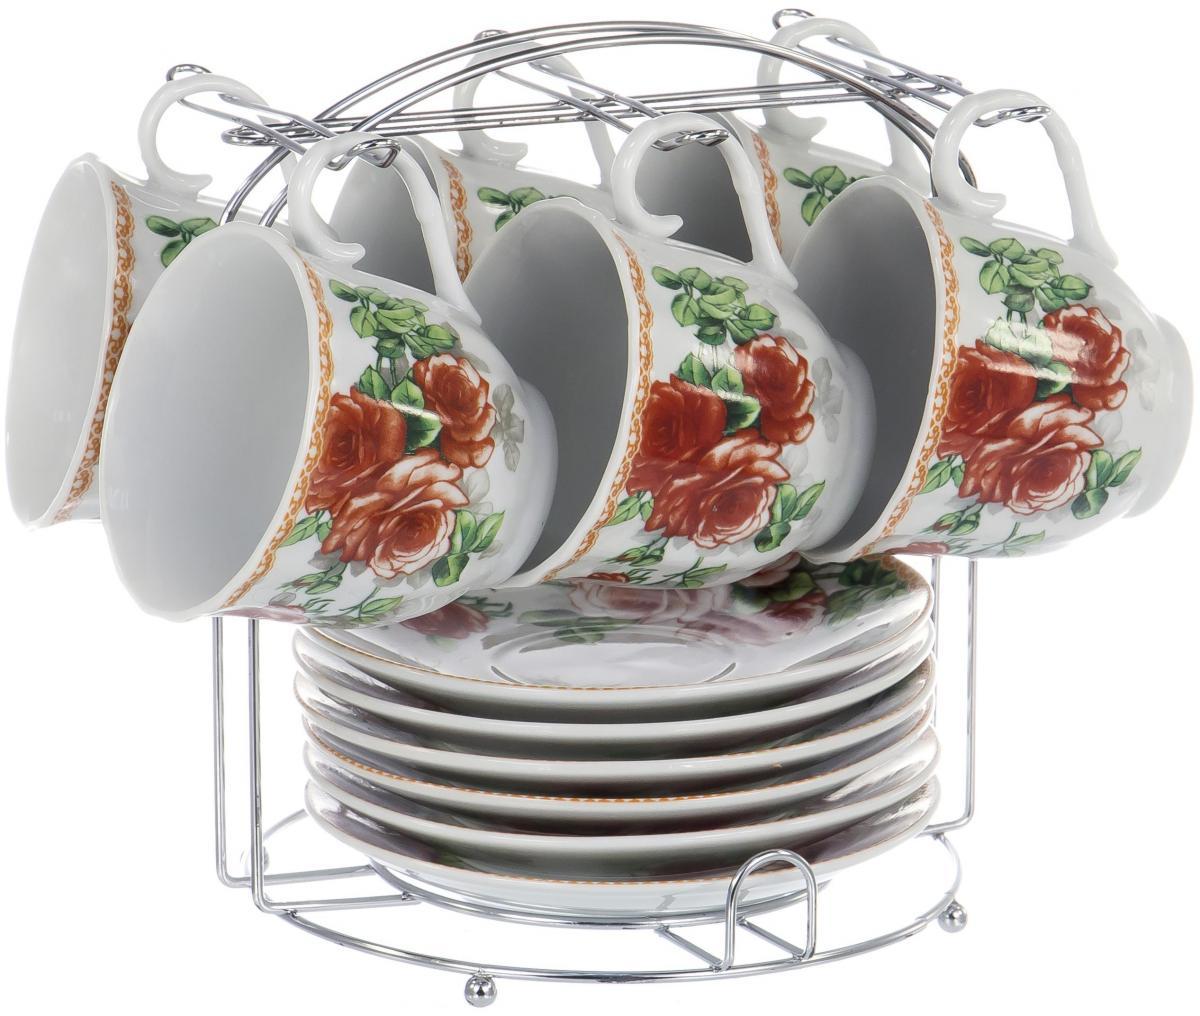 Набор чайный Olaff Metal Stand, 12 предметов. DL-F6MS-187DL-F6MS-187METAL STAND, набор чайный (12) 6 чашек 220мл + 6 блюдец на метал.стенде, упаковка - подар.квадрат.